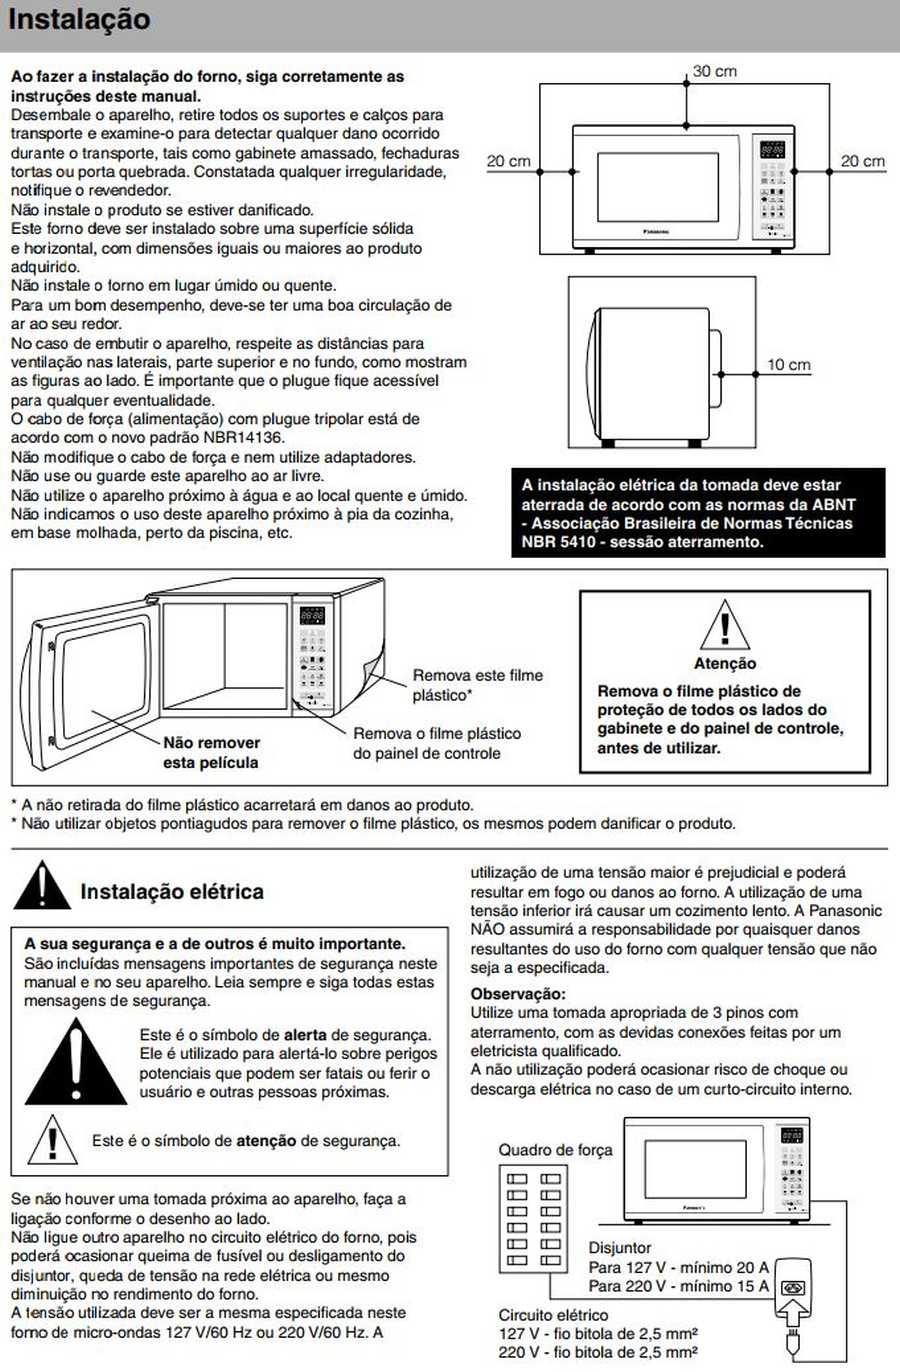 Manual de instruções do microondas Panasonic NN-ST35H - Instalação